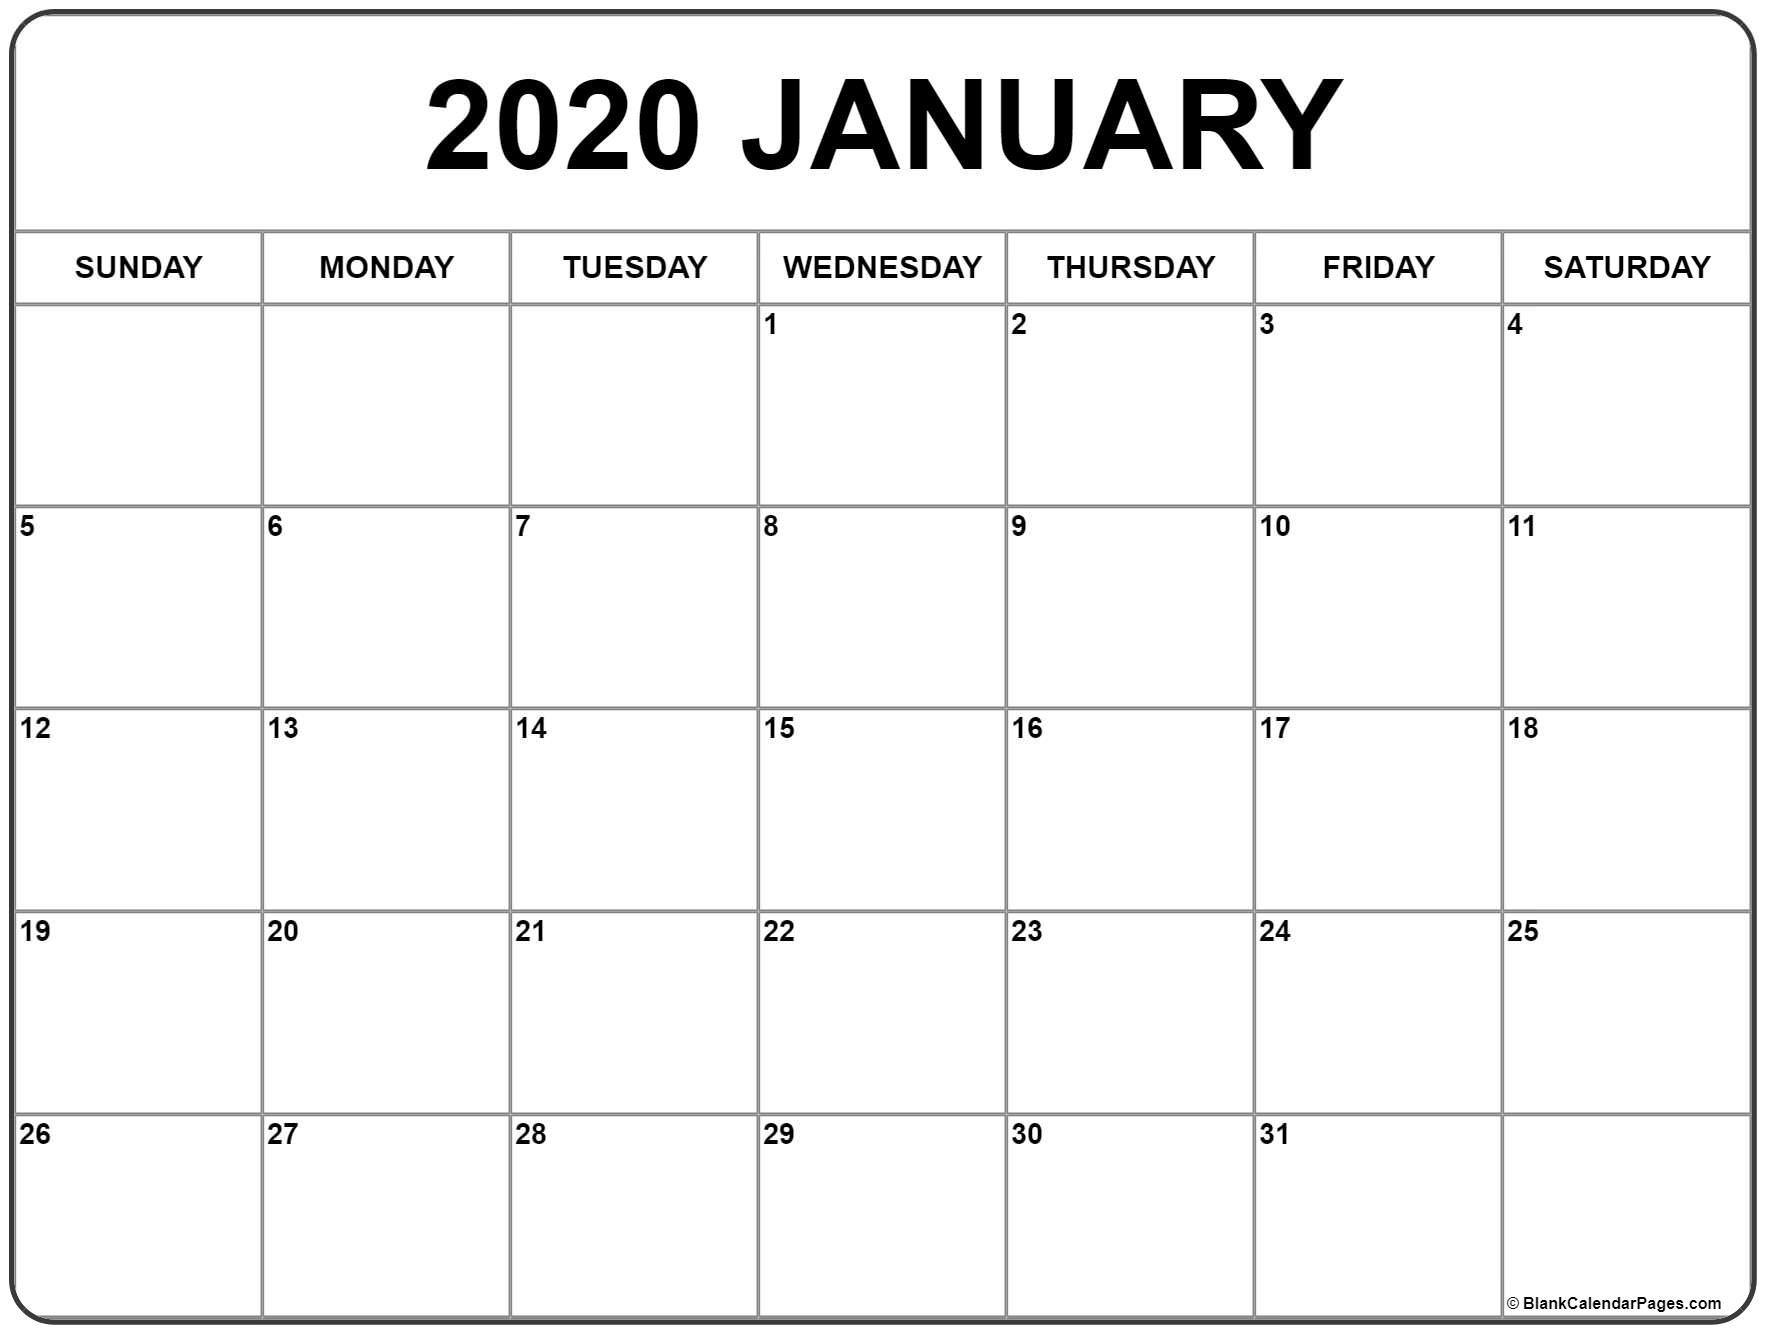 Printable Calendar Templates 2020 - Wpa.wpart.co